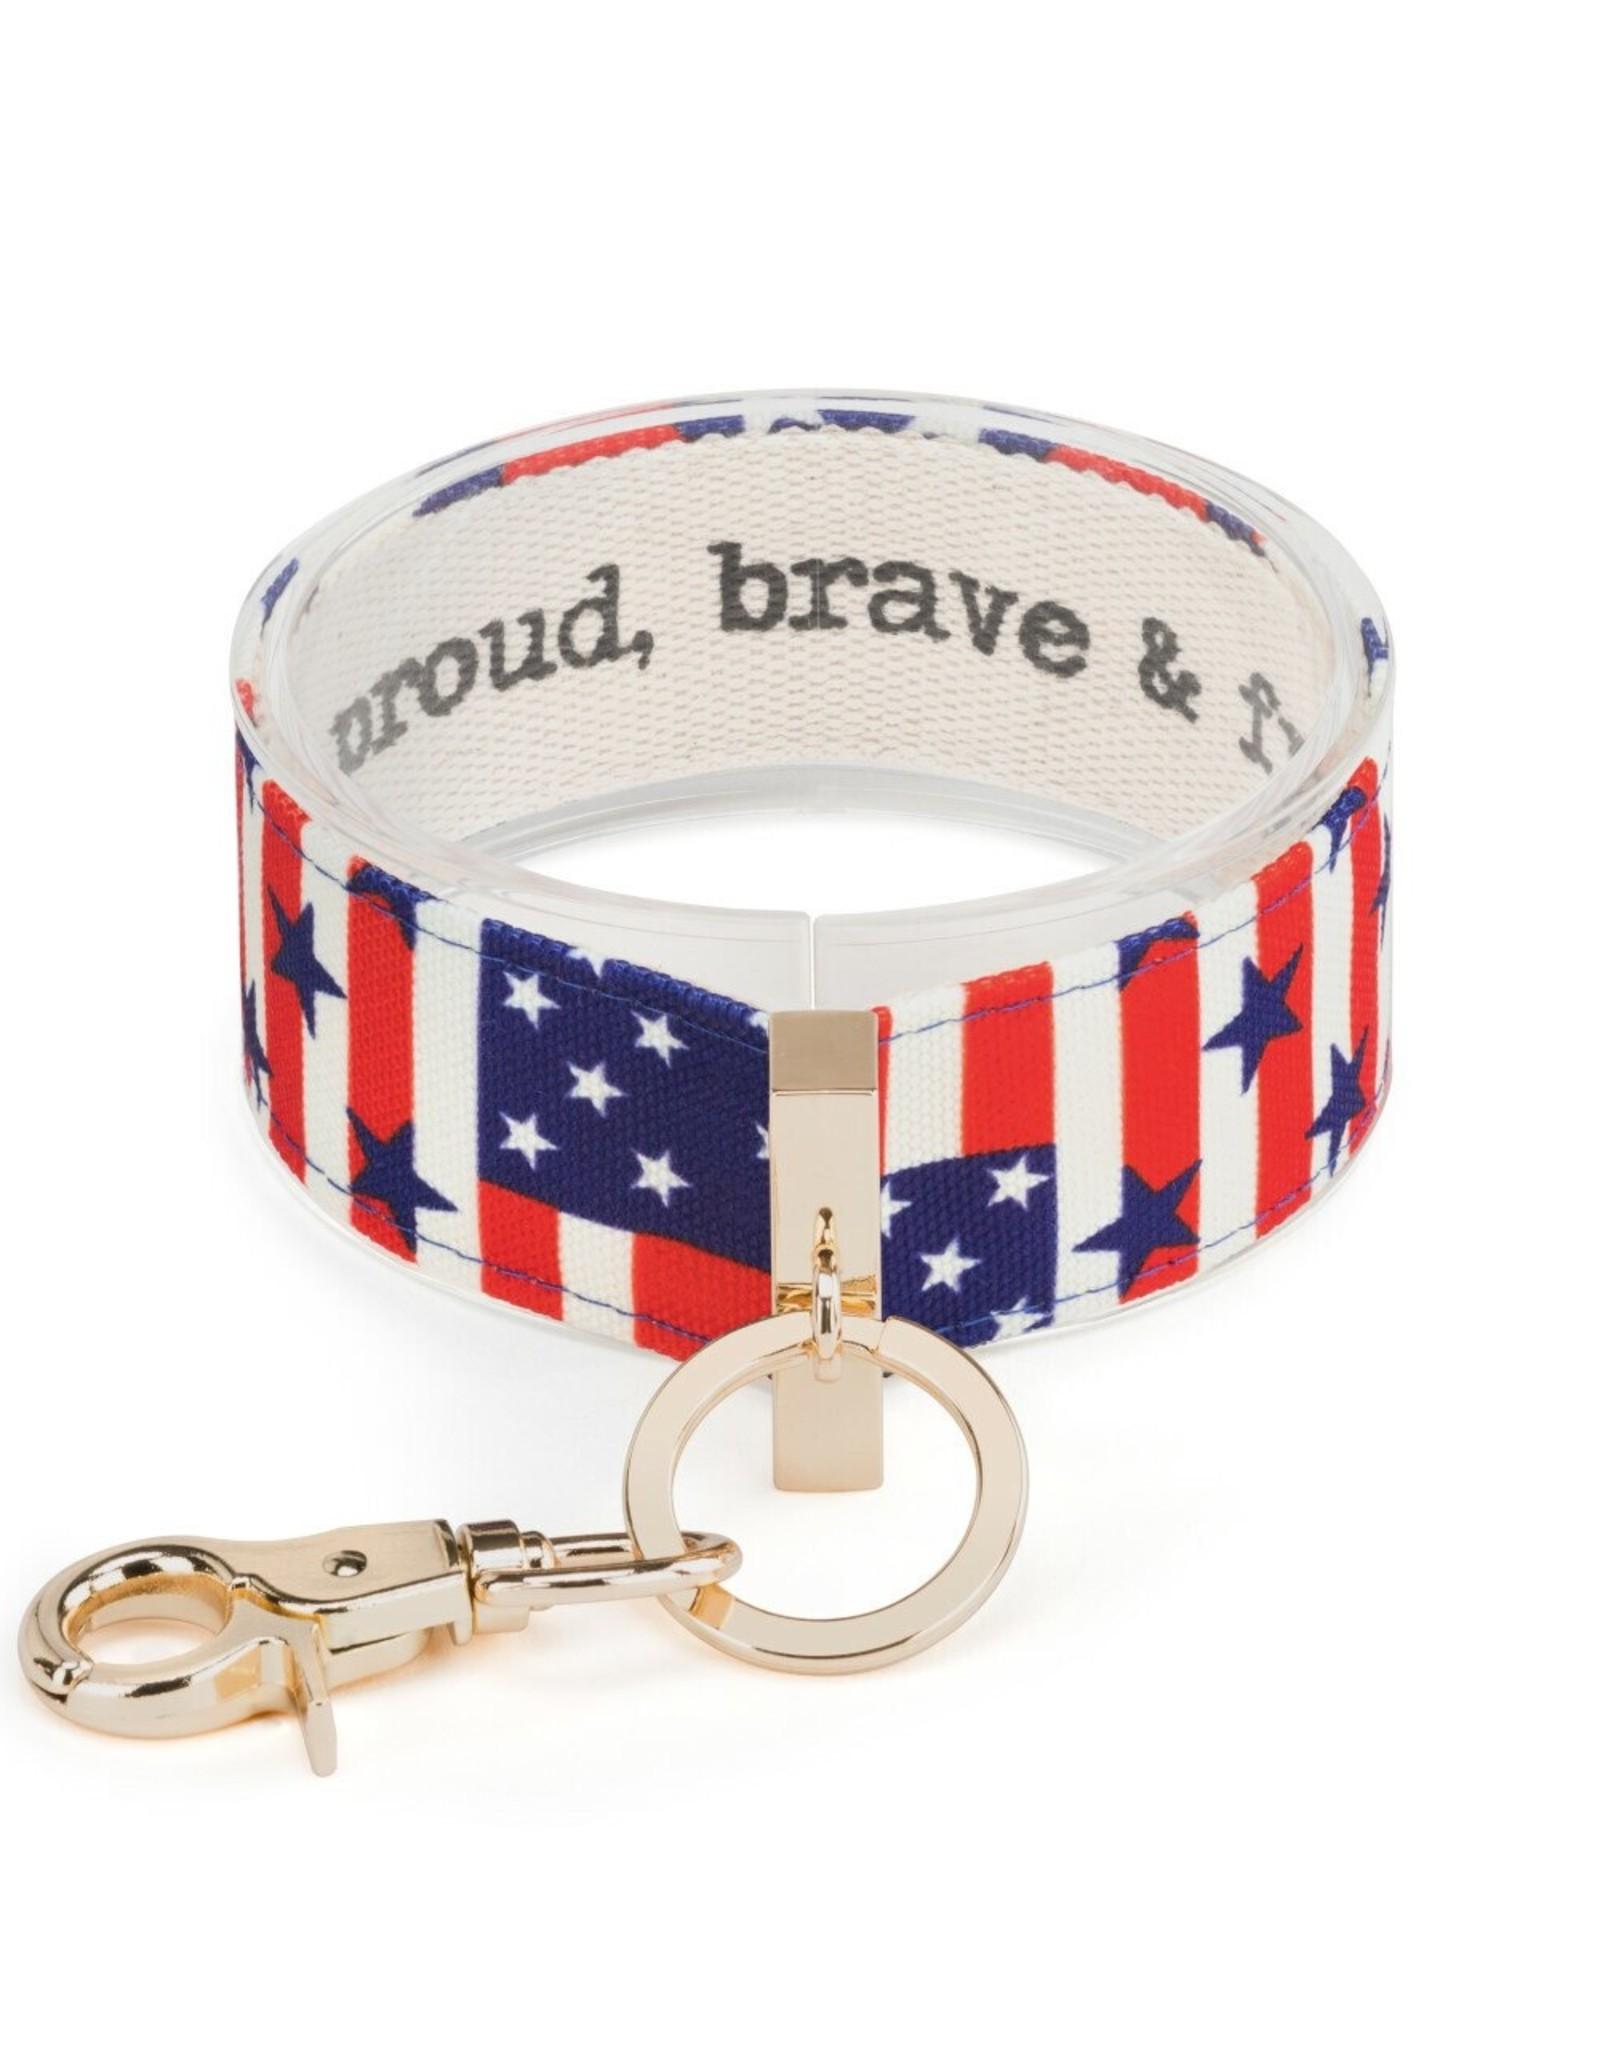 Wrist Strap Key Chain, Proud Brave & Free